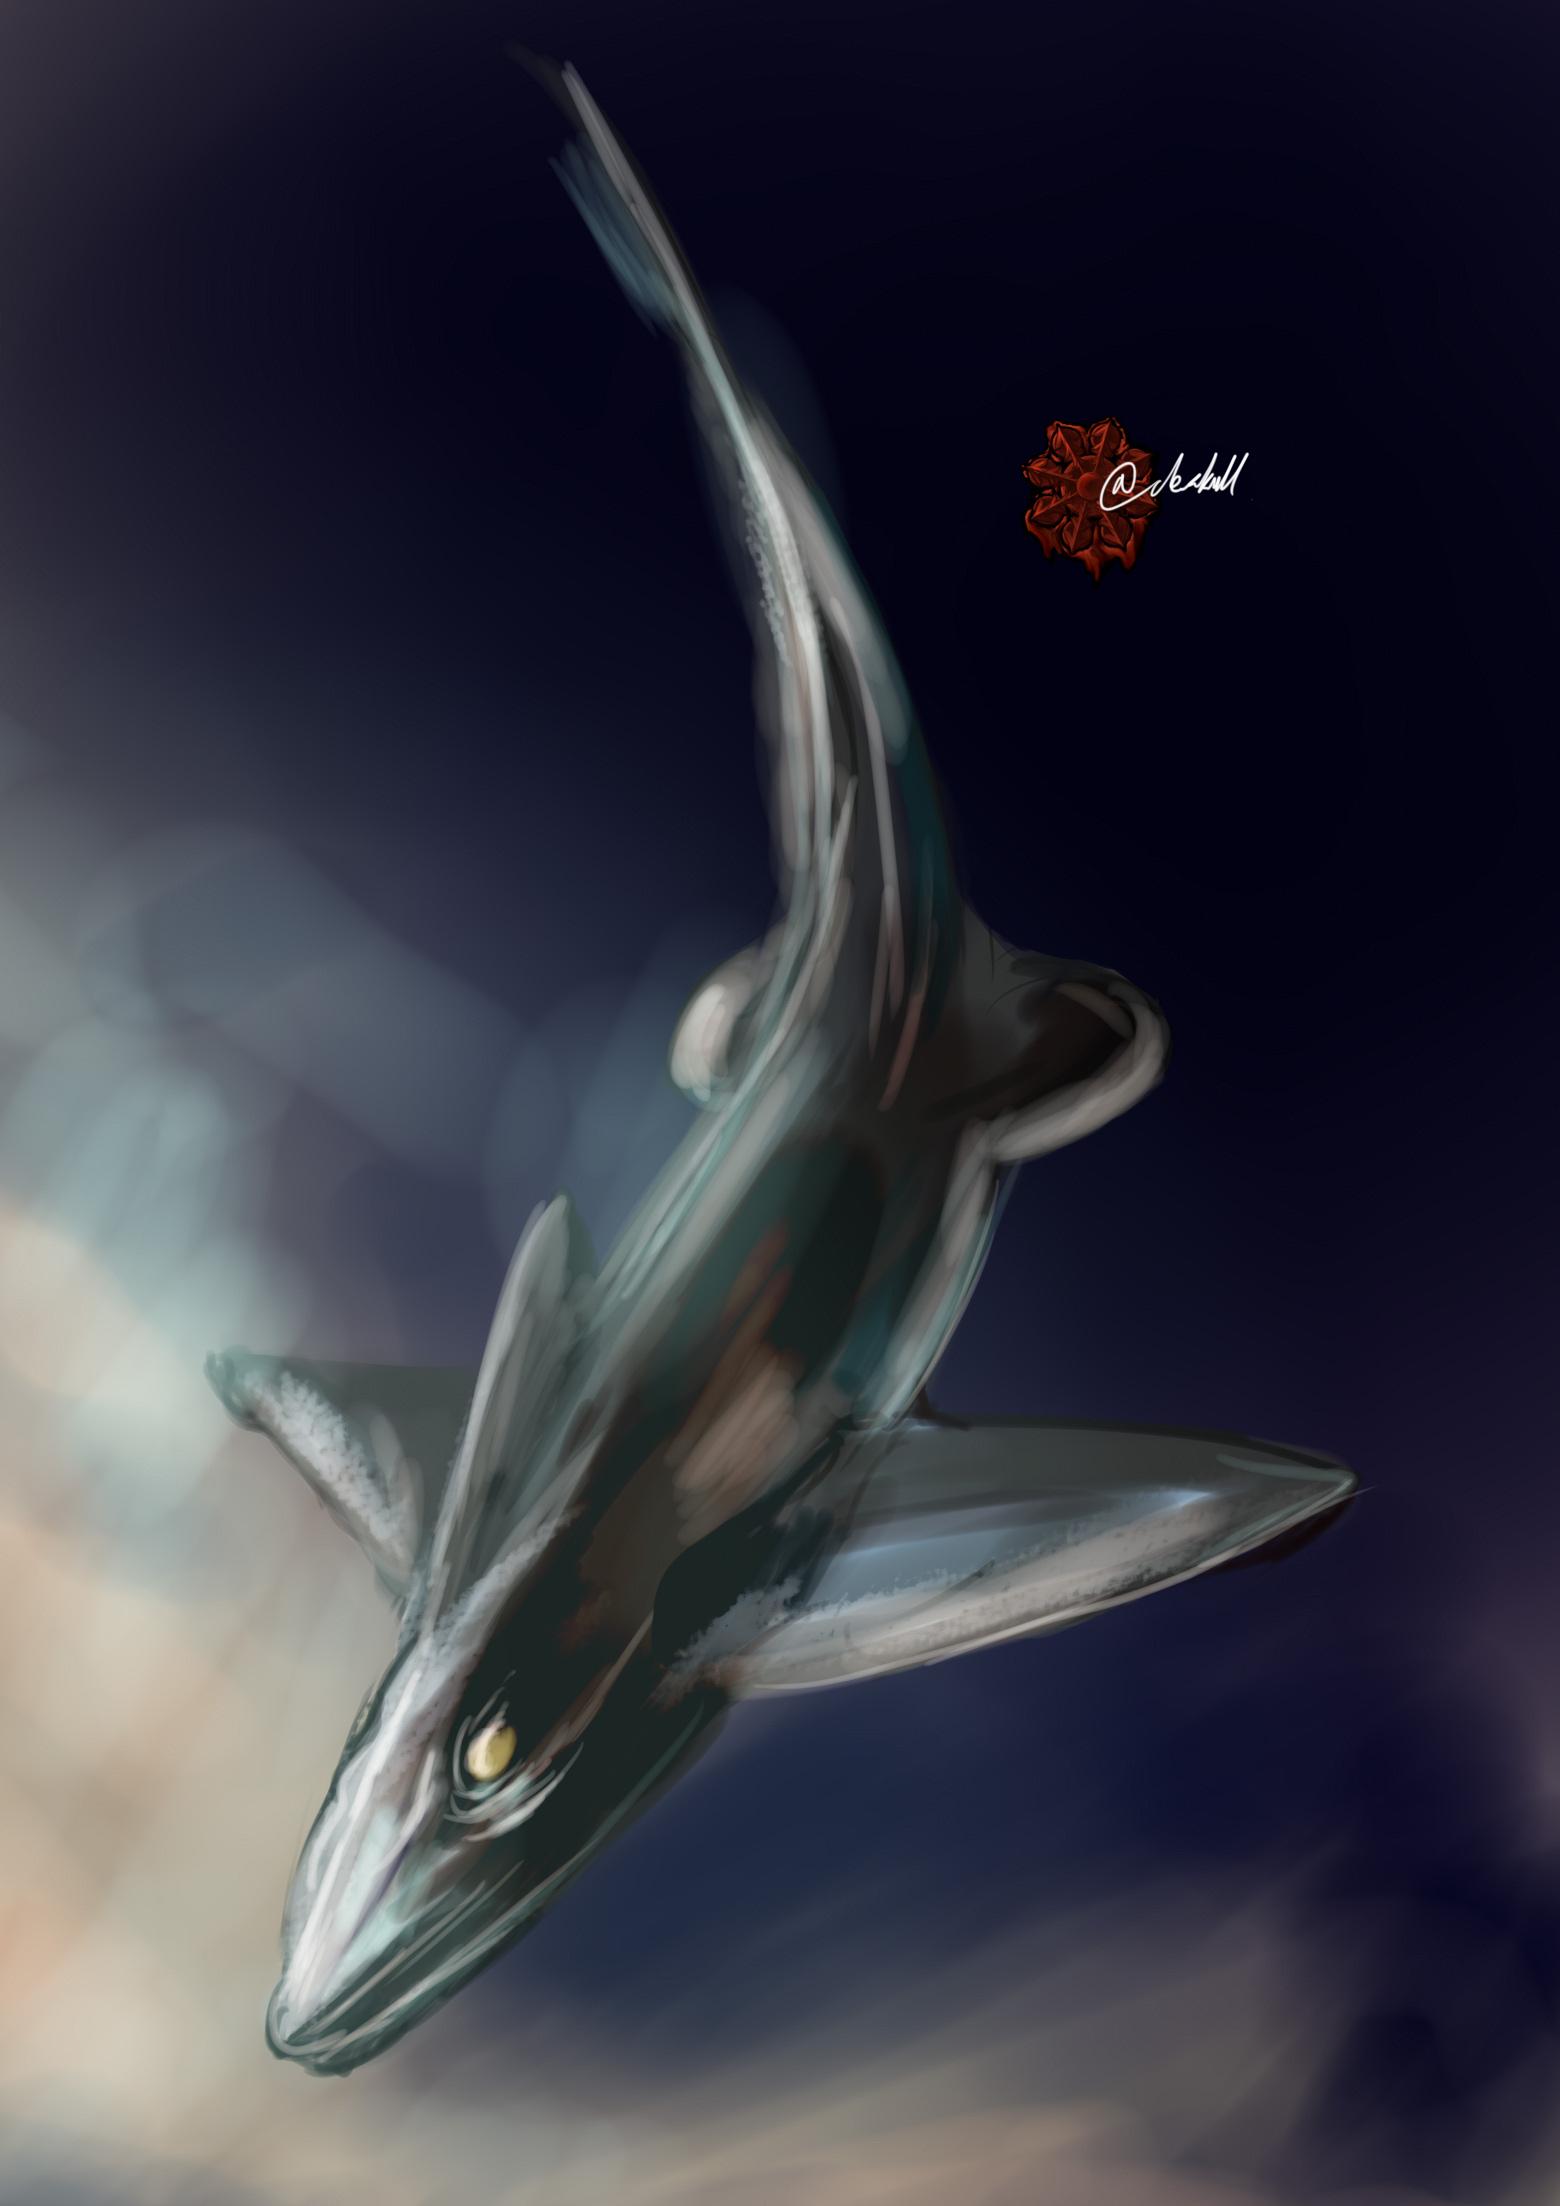 ムラサキギンザメ